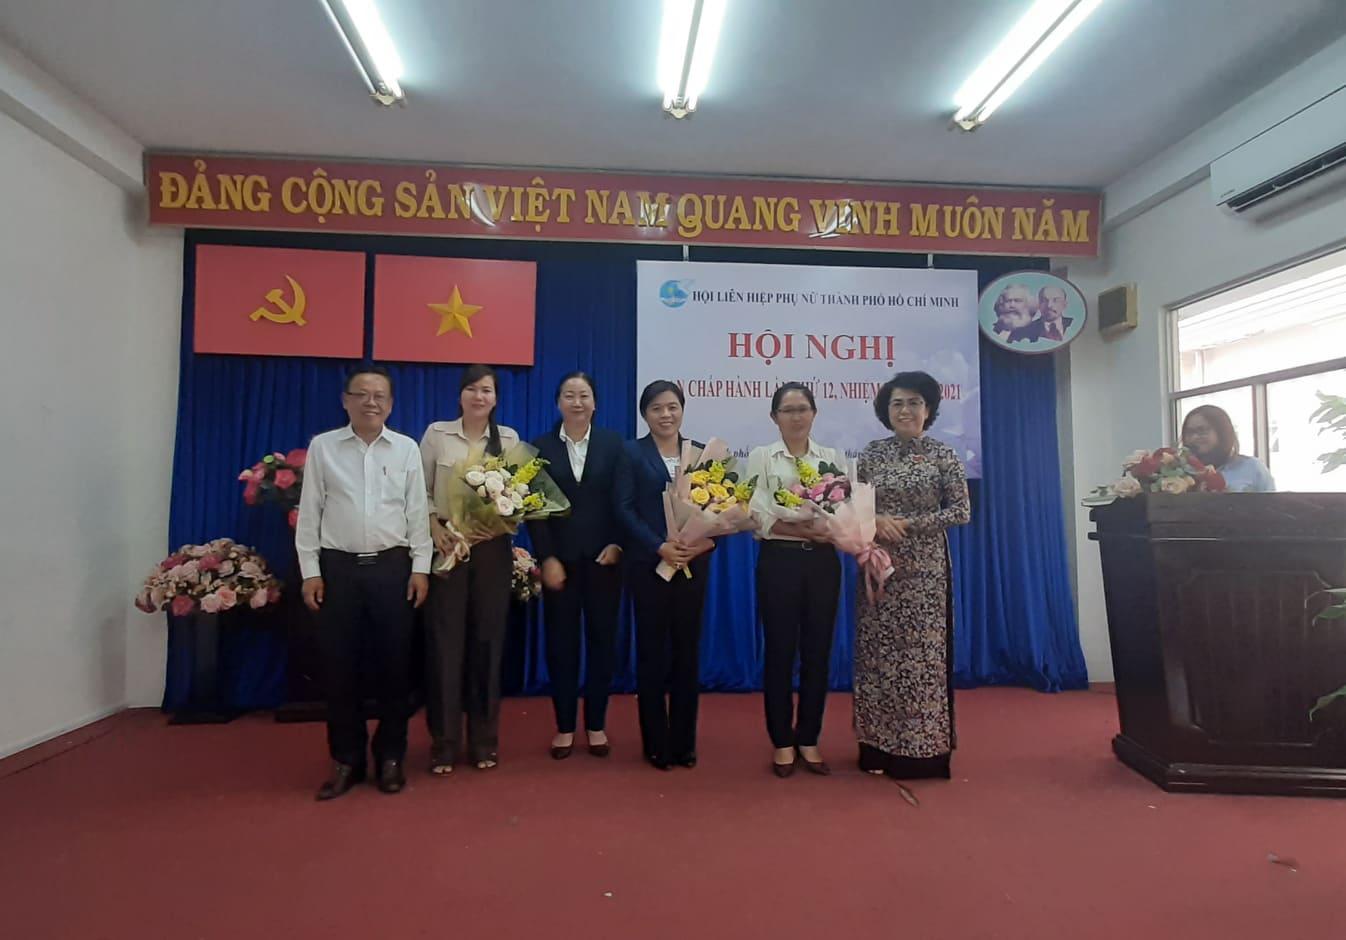 Bà Nguyễn Trần Phượng Trân giữa - Tân Chủ tịch Hội LHPN TP.HCM cùng 2 ủy viên BCH mới nhận hoa chúc mừng từ lãnh đạo UBMTTQ VN TP.HCM và Ban Dân vận Thành ủy TP.HCM